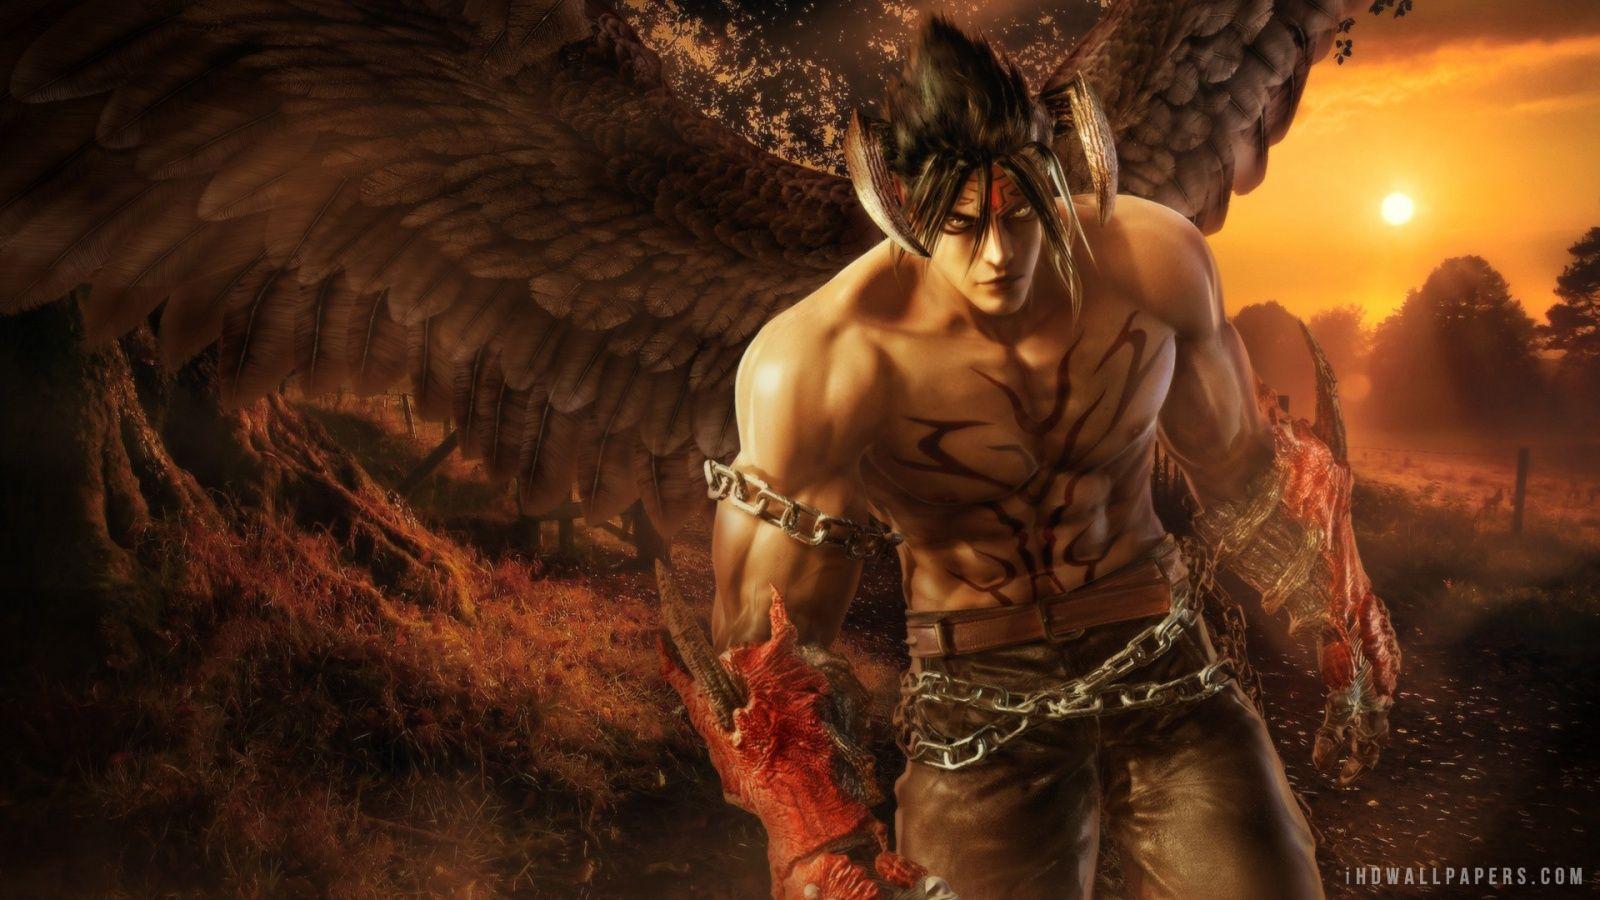 devil jin tekken wallpapers hd wallpapers | hd wallpapers